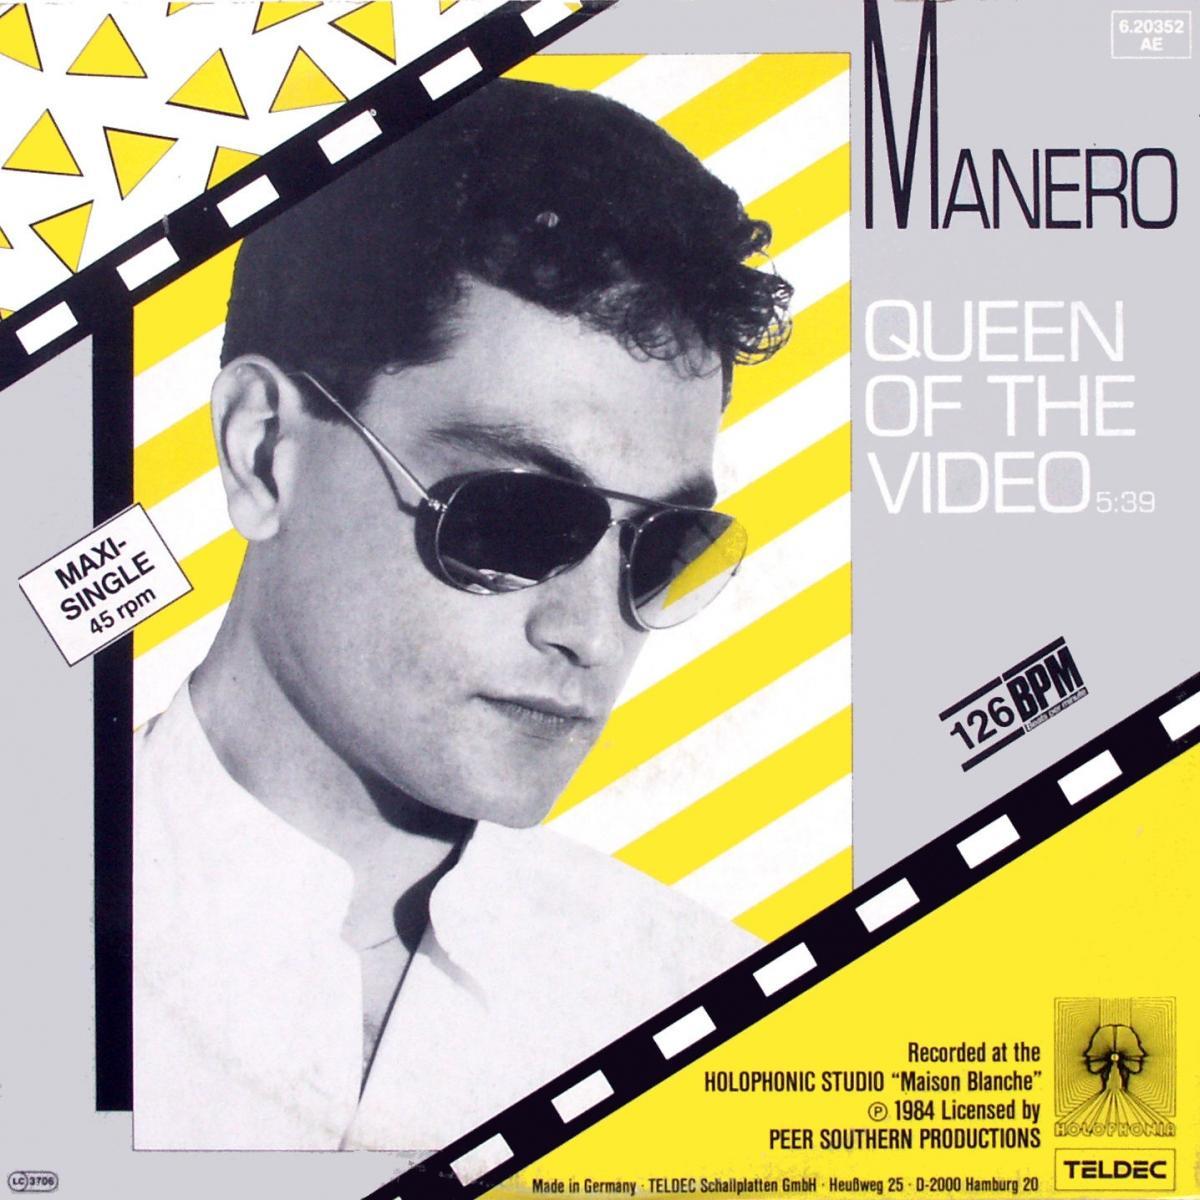 """Manero - Queen Of The Video [12"""" Maxi]"""